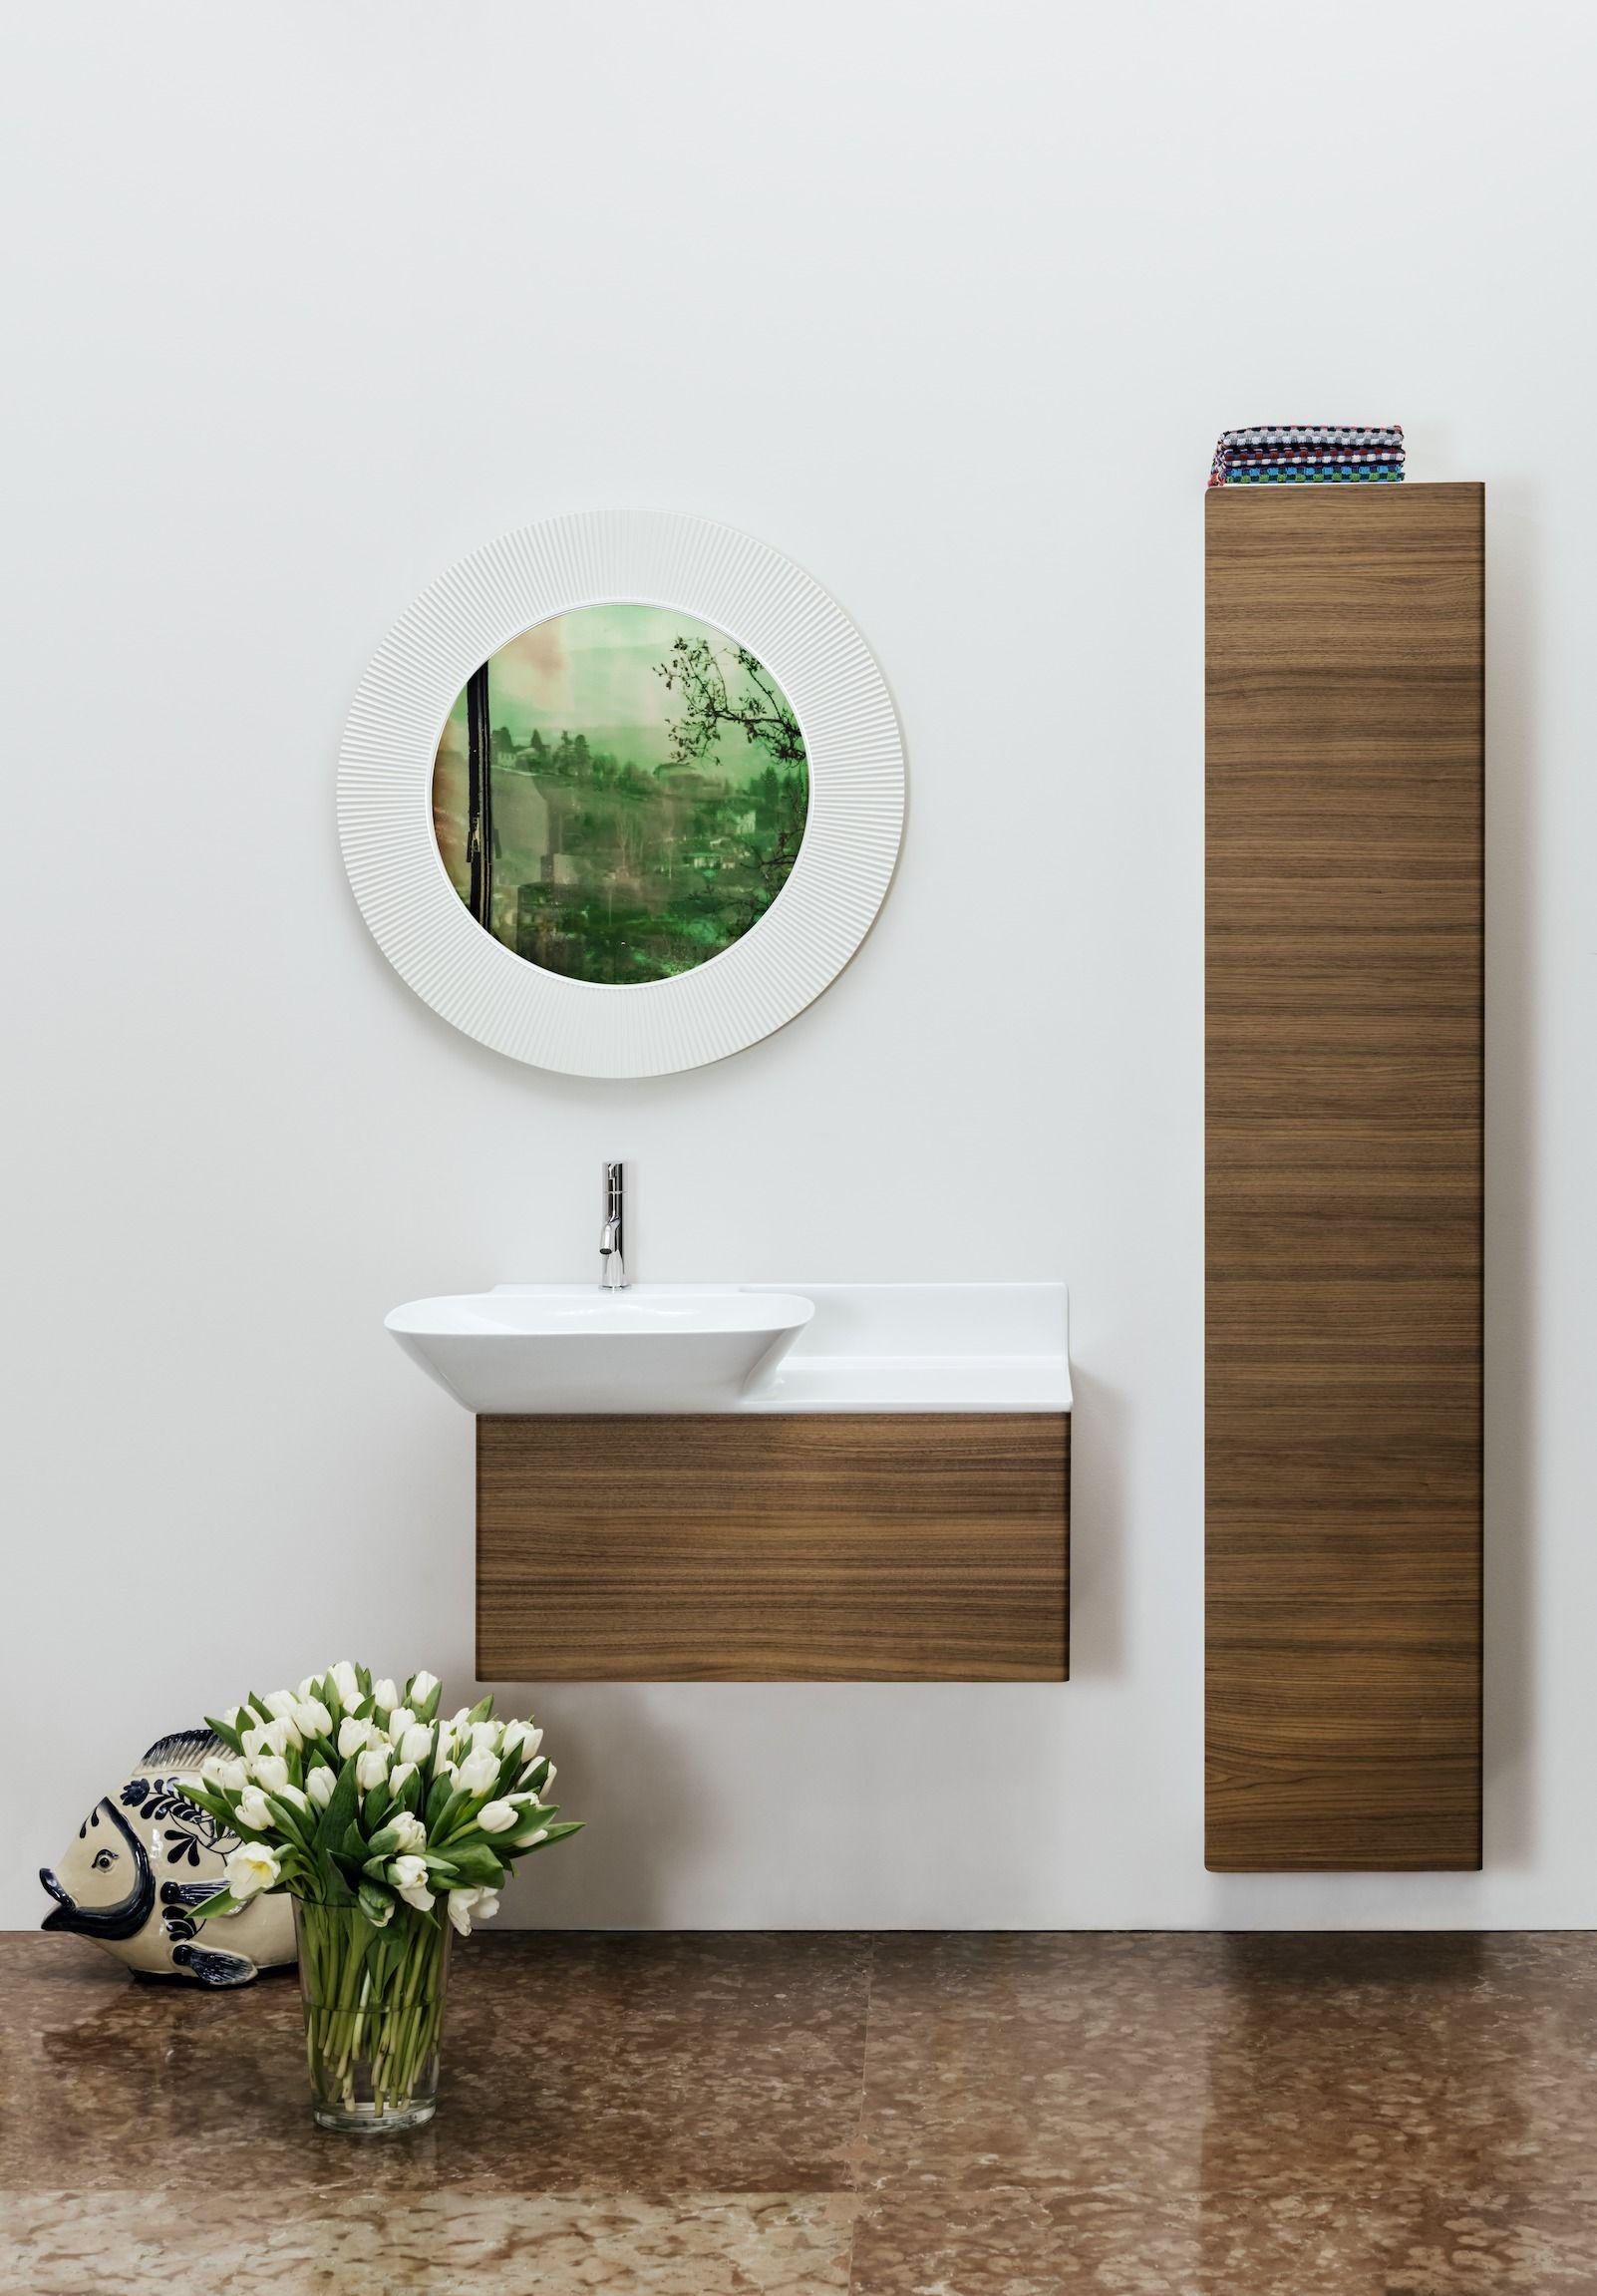 Laufen Ino Waschtisch 1 Hahnloch Mit Berlauf Keramikablage Rechts 900x450 Wei Neues Badezimmer Waschtisch Stauraum